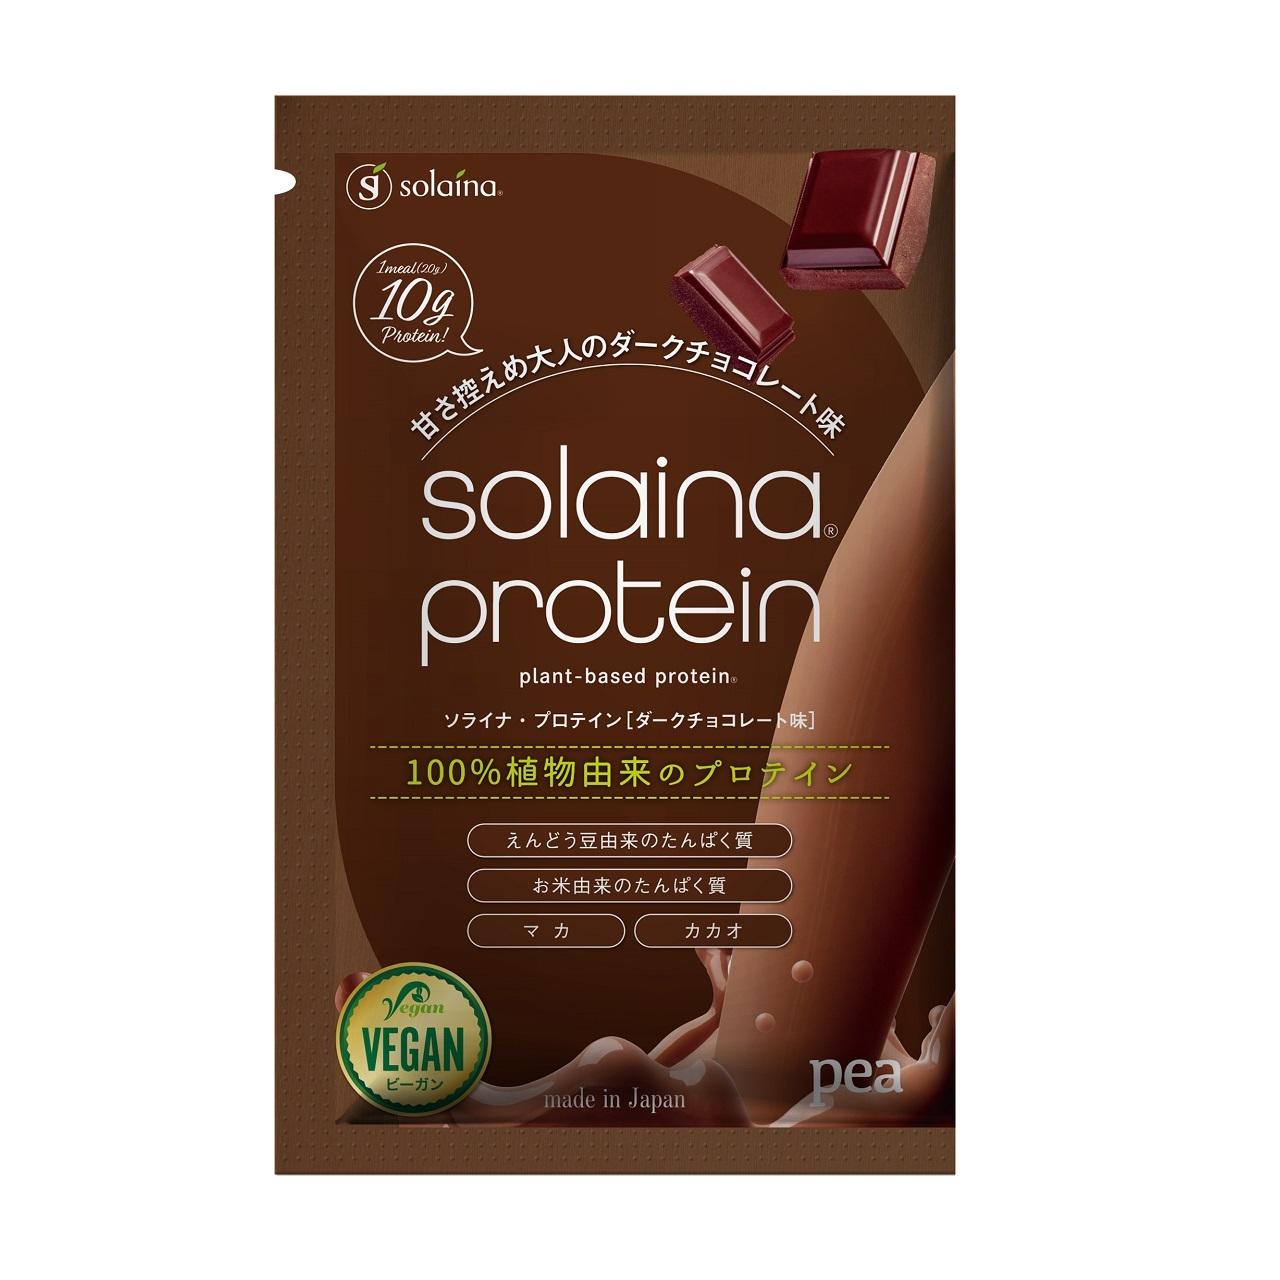 ソライナ・プロテイン[ダークチョコレート味]シングルパック 20g(¥398/袋[税別])